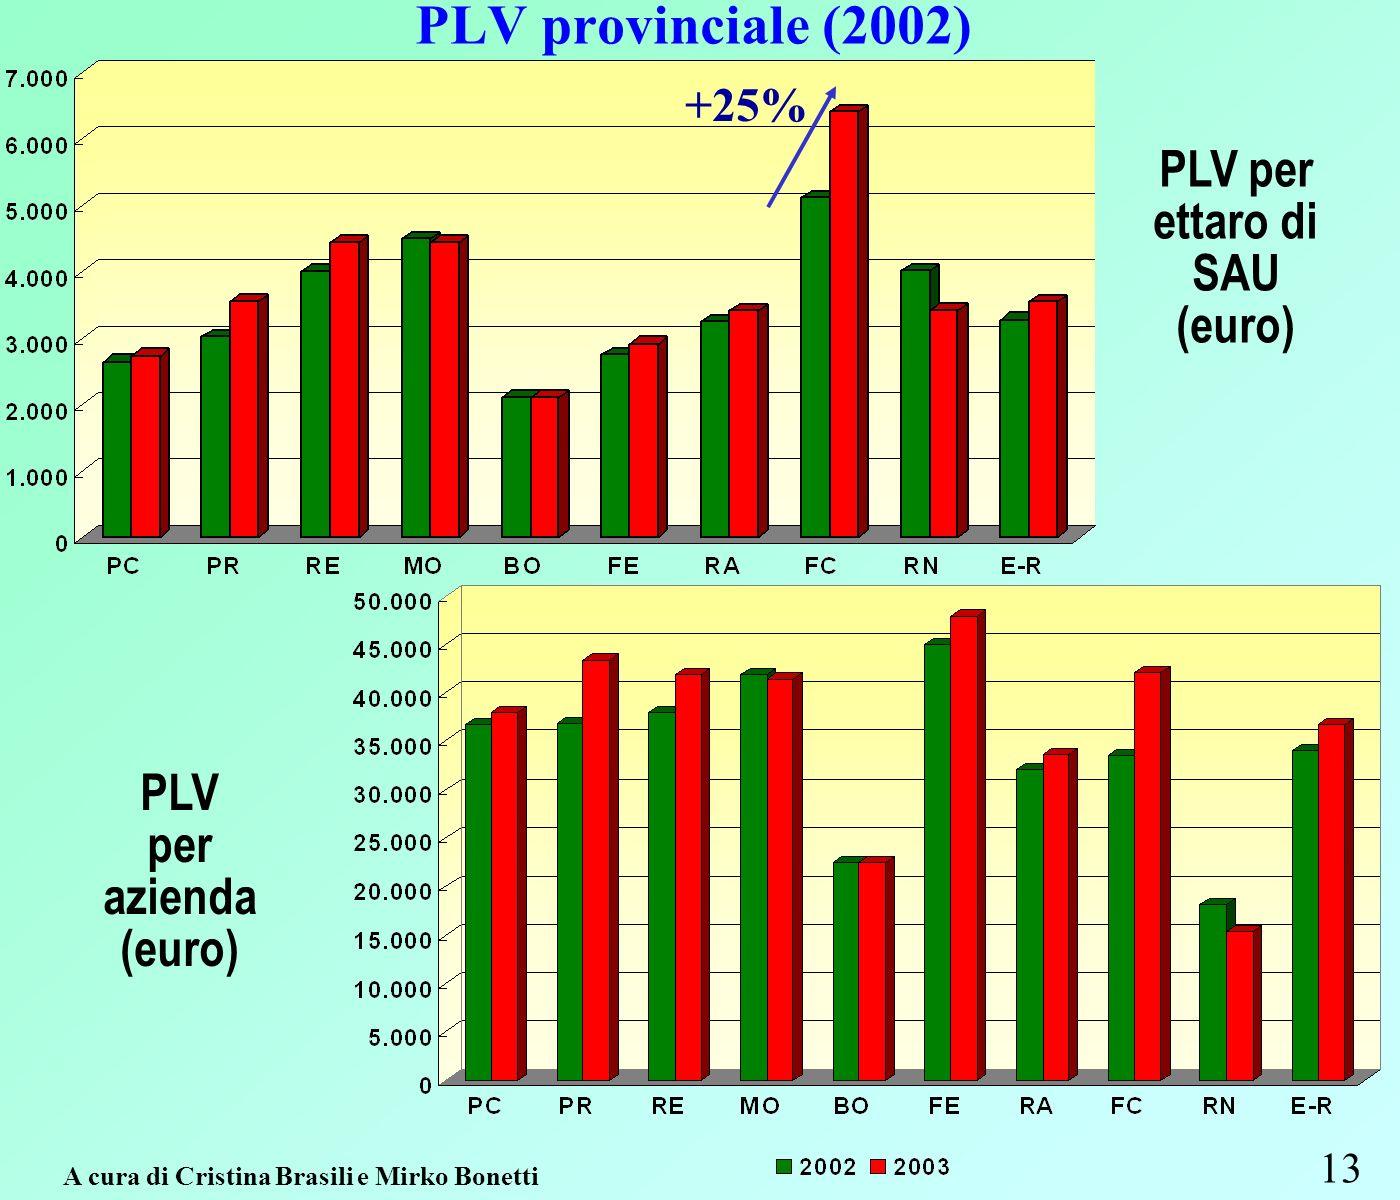 PLV provinciale (2002) 13 PLV per ettaro di SAU (euro) PLV per azienda (euro) A cura di Cristina Brasili e Mirko Bonetti +25%